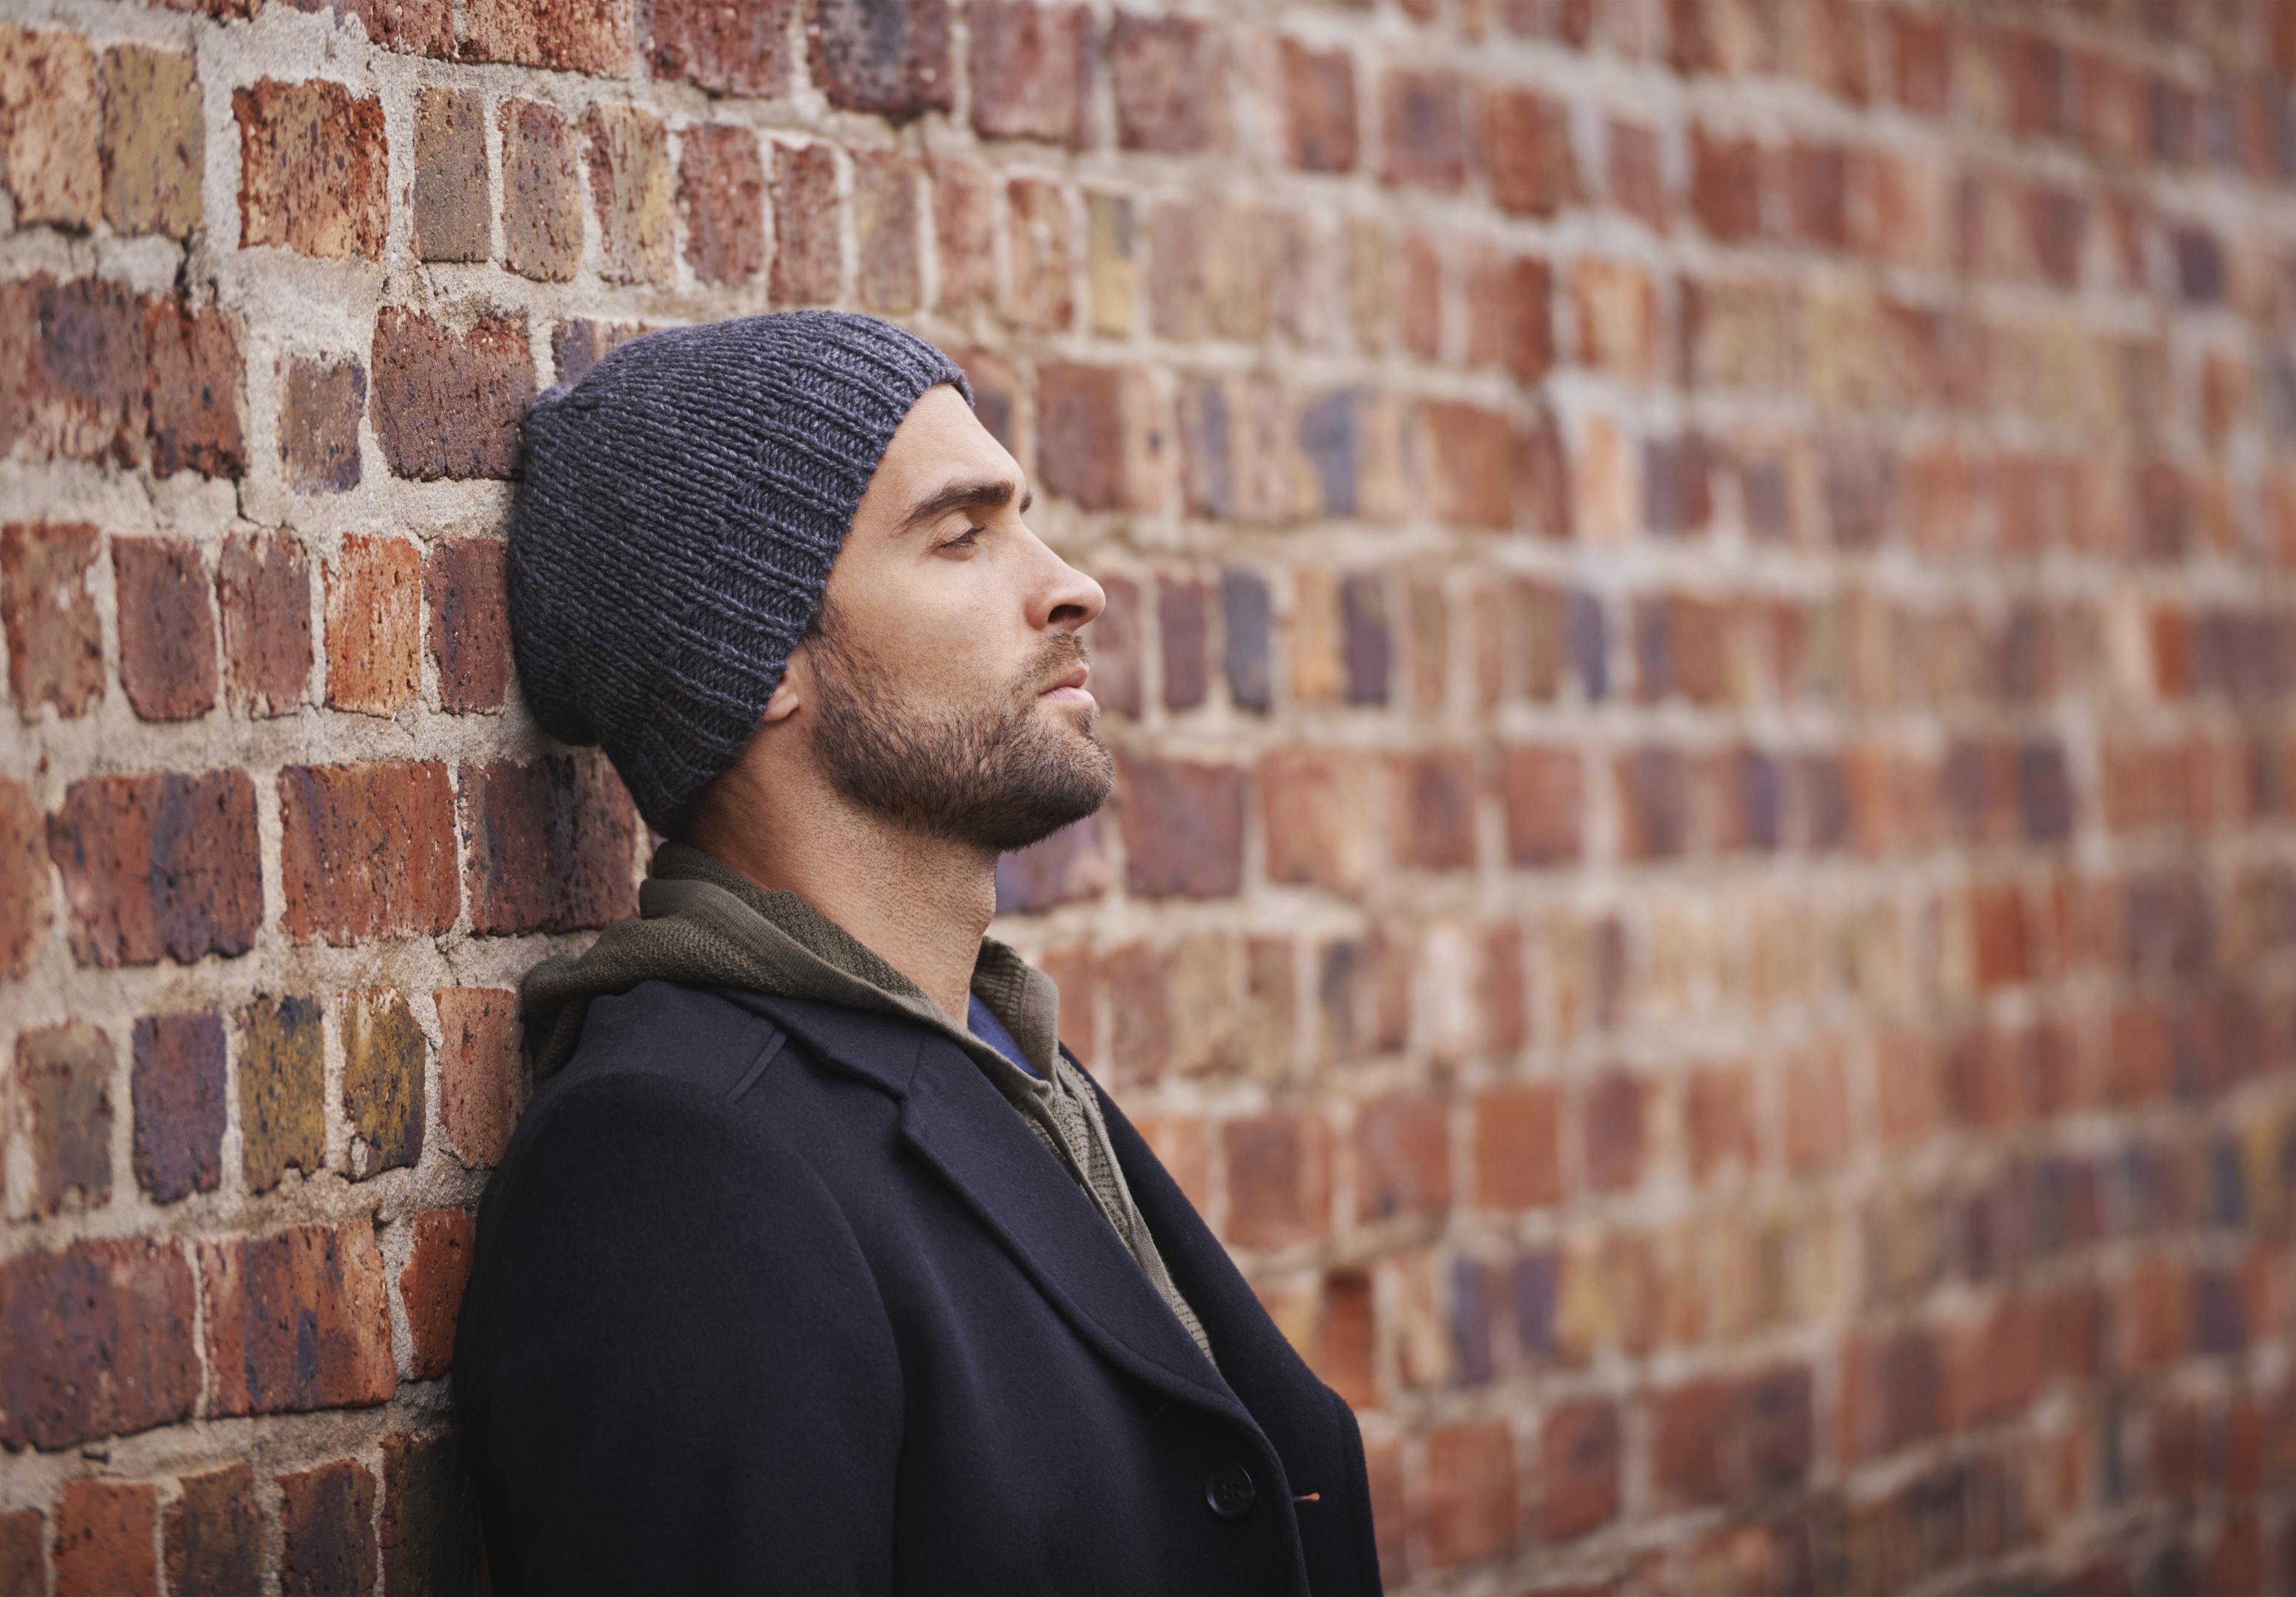 nouvelle version vente professionnelle moins cher Hommes : quel bonnet pour quel look ? - Madame Figaro